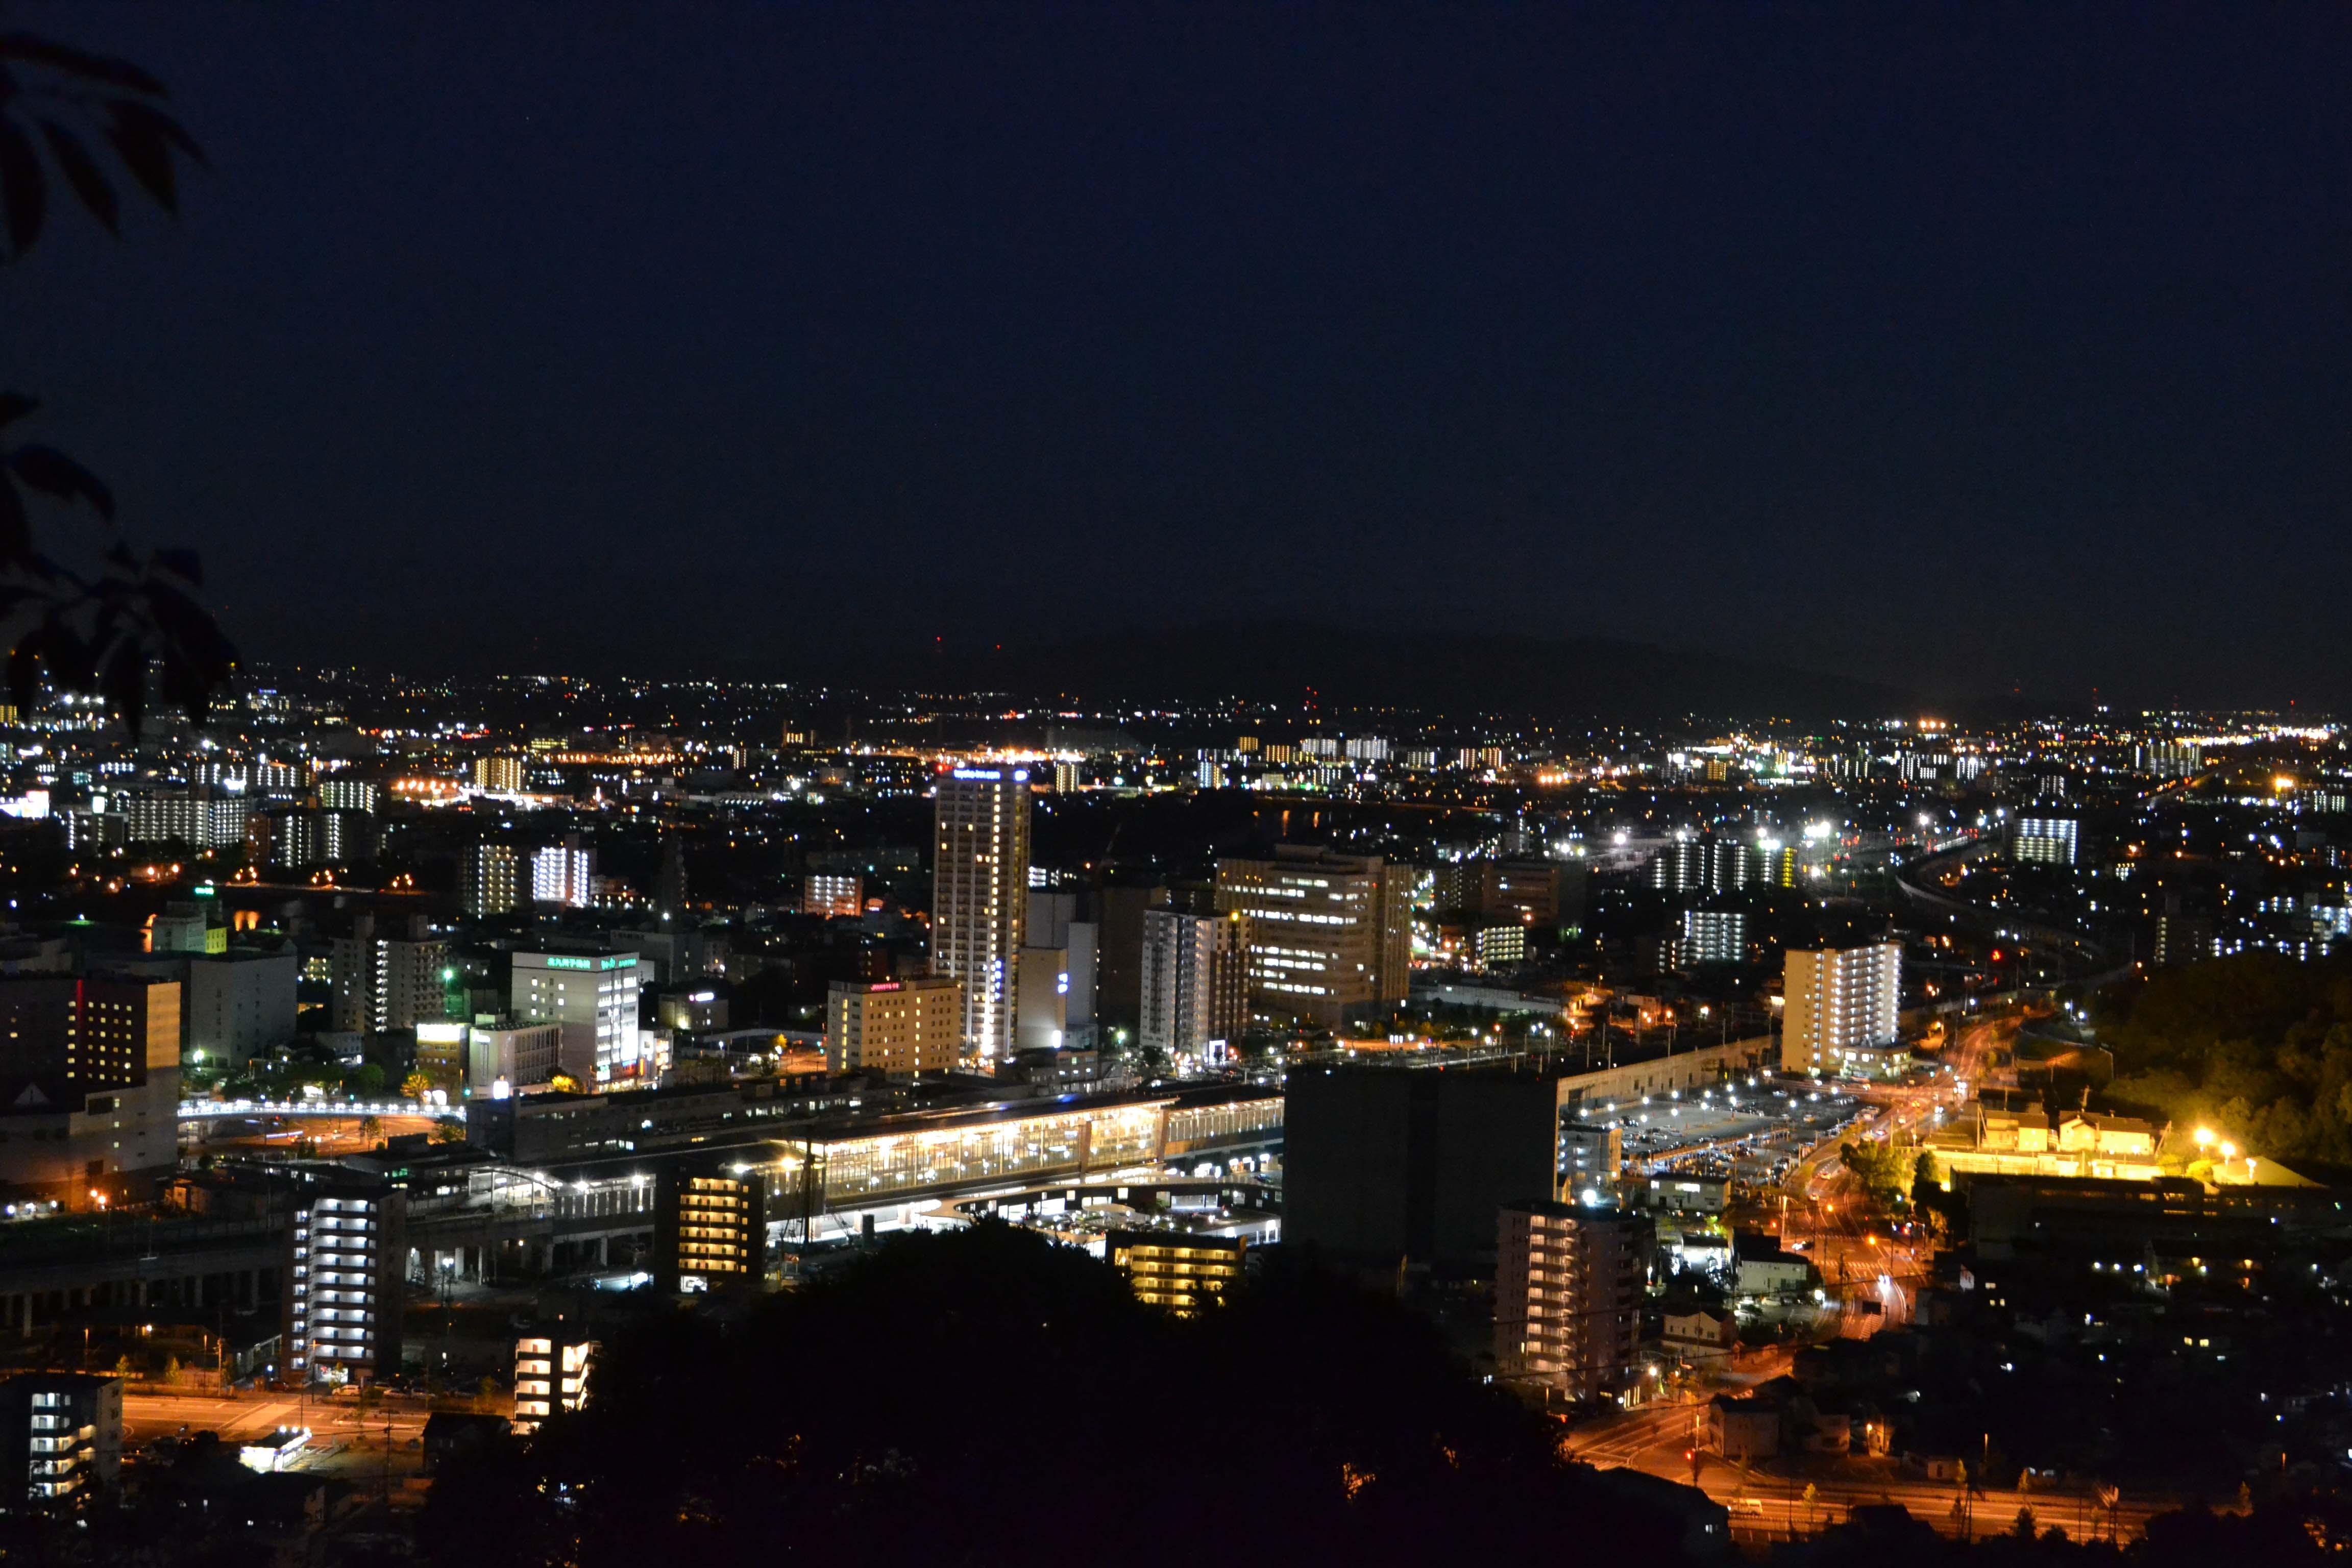 明かりに照らされた熊本駅が手に取るように見える